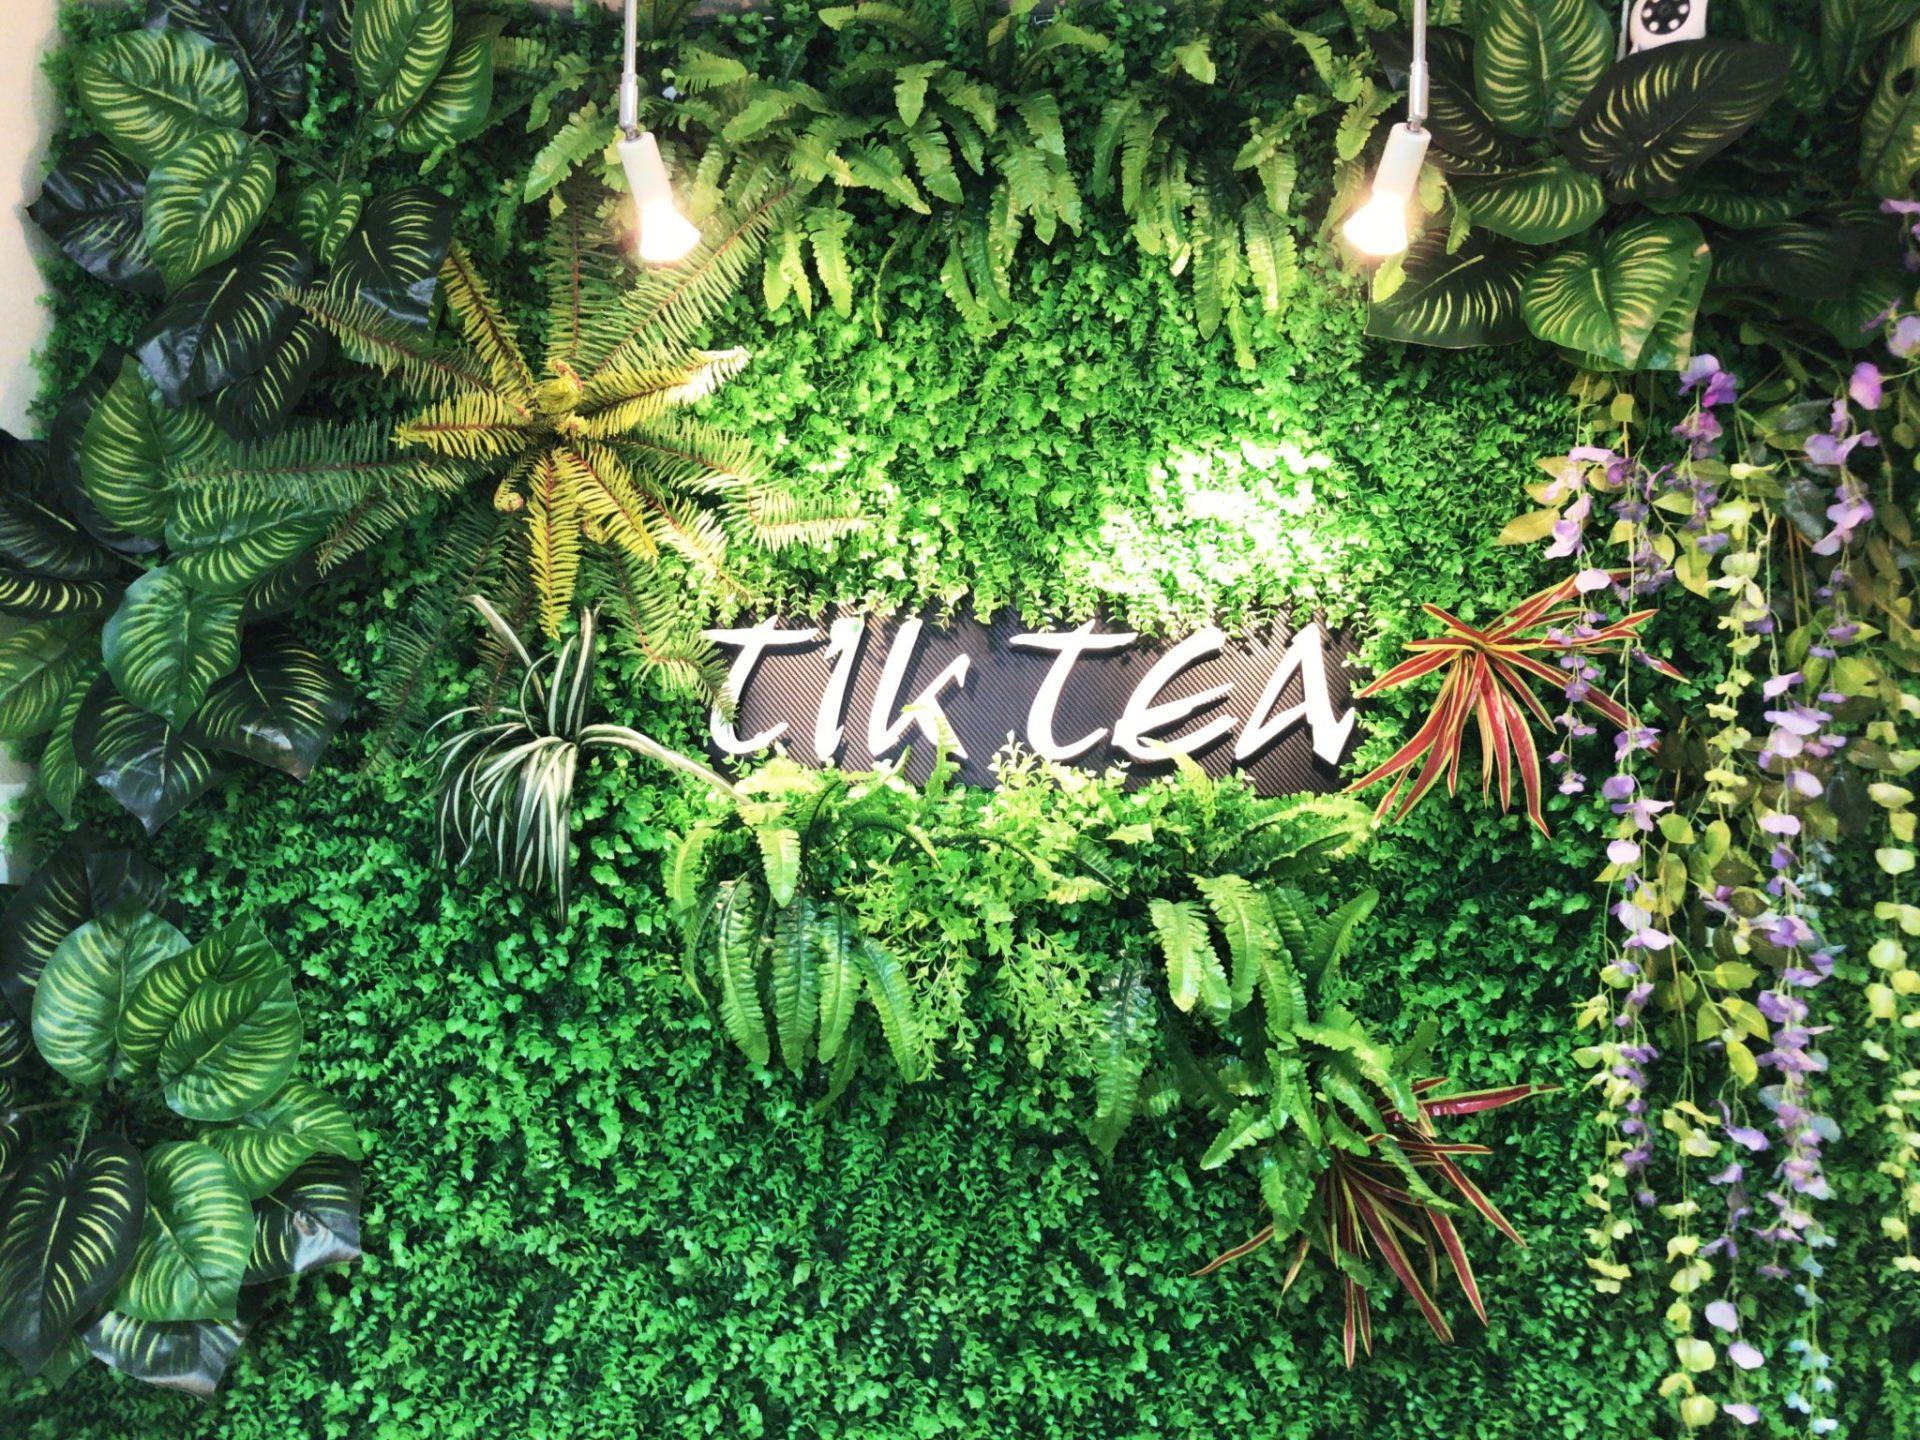 Tik Tea 豪徳寺店のインスタ映えするプレート